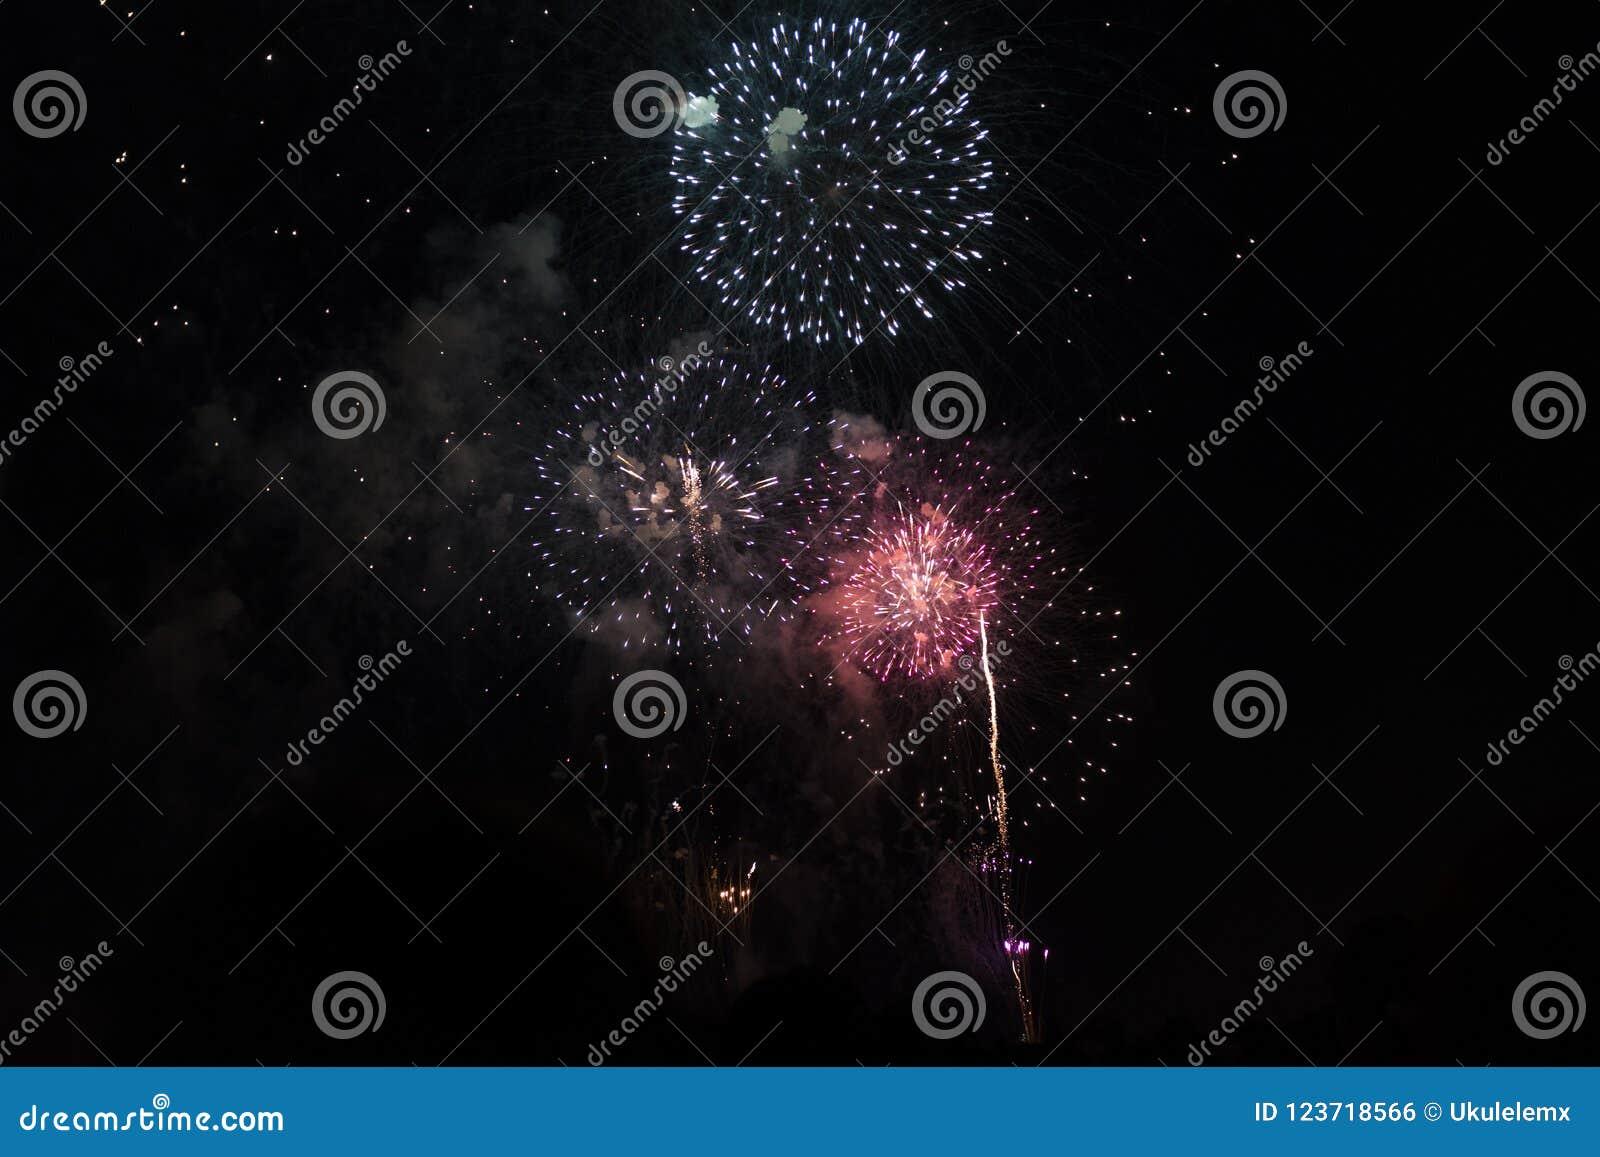 Fuochi d artificio multipli in cielo notturno in una composizione in tonalità rosse e bianche